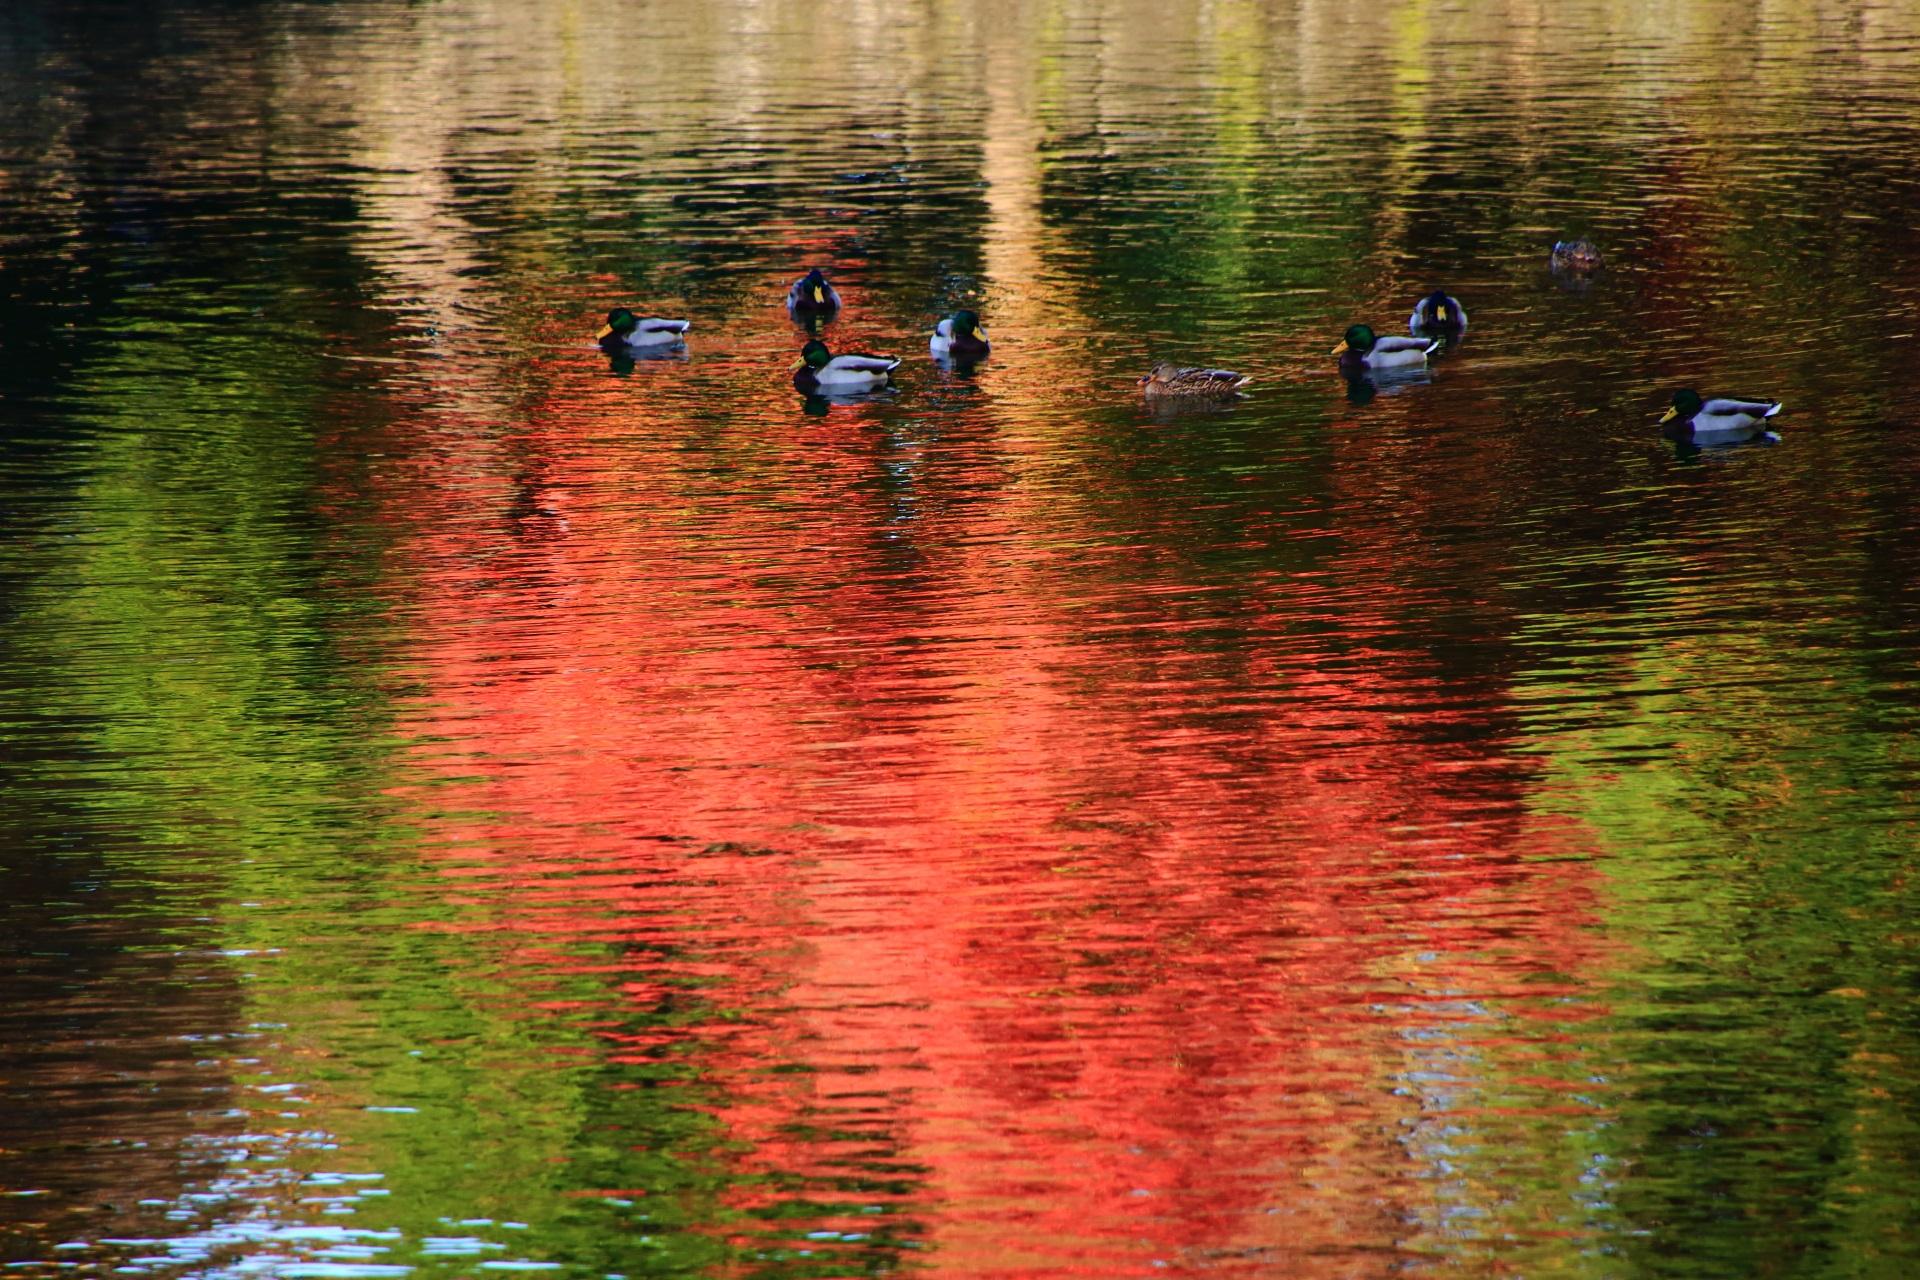 二条城の紅葉の水鏡と鴨とのどかに揺れる赤と緑の水面